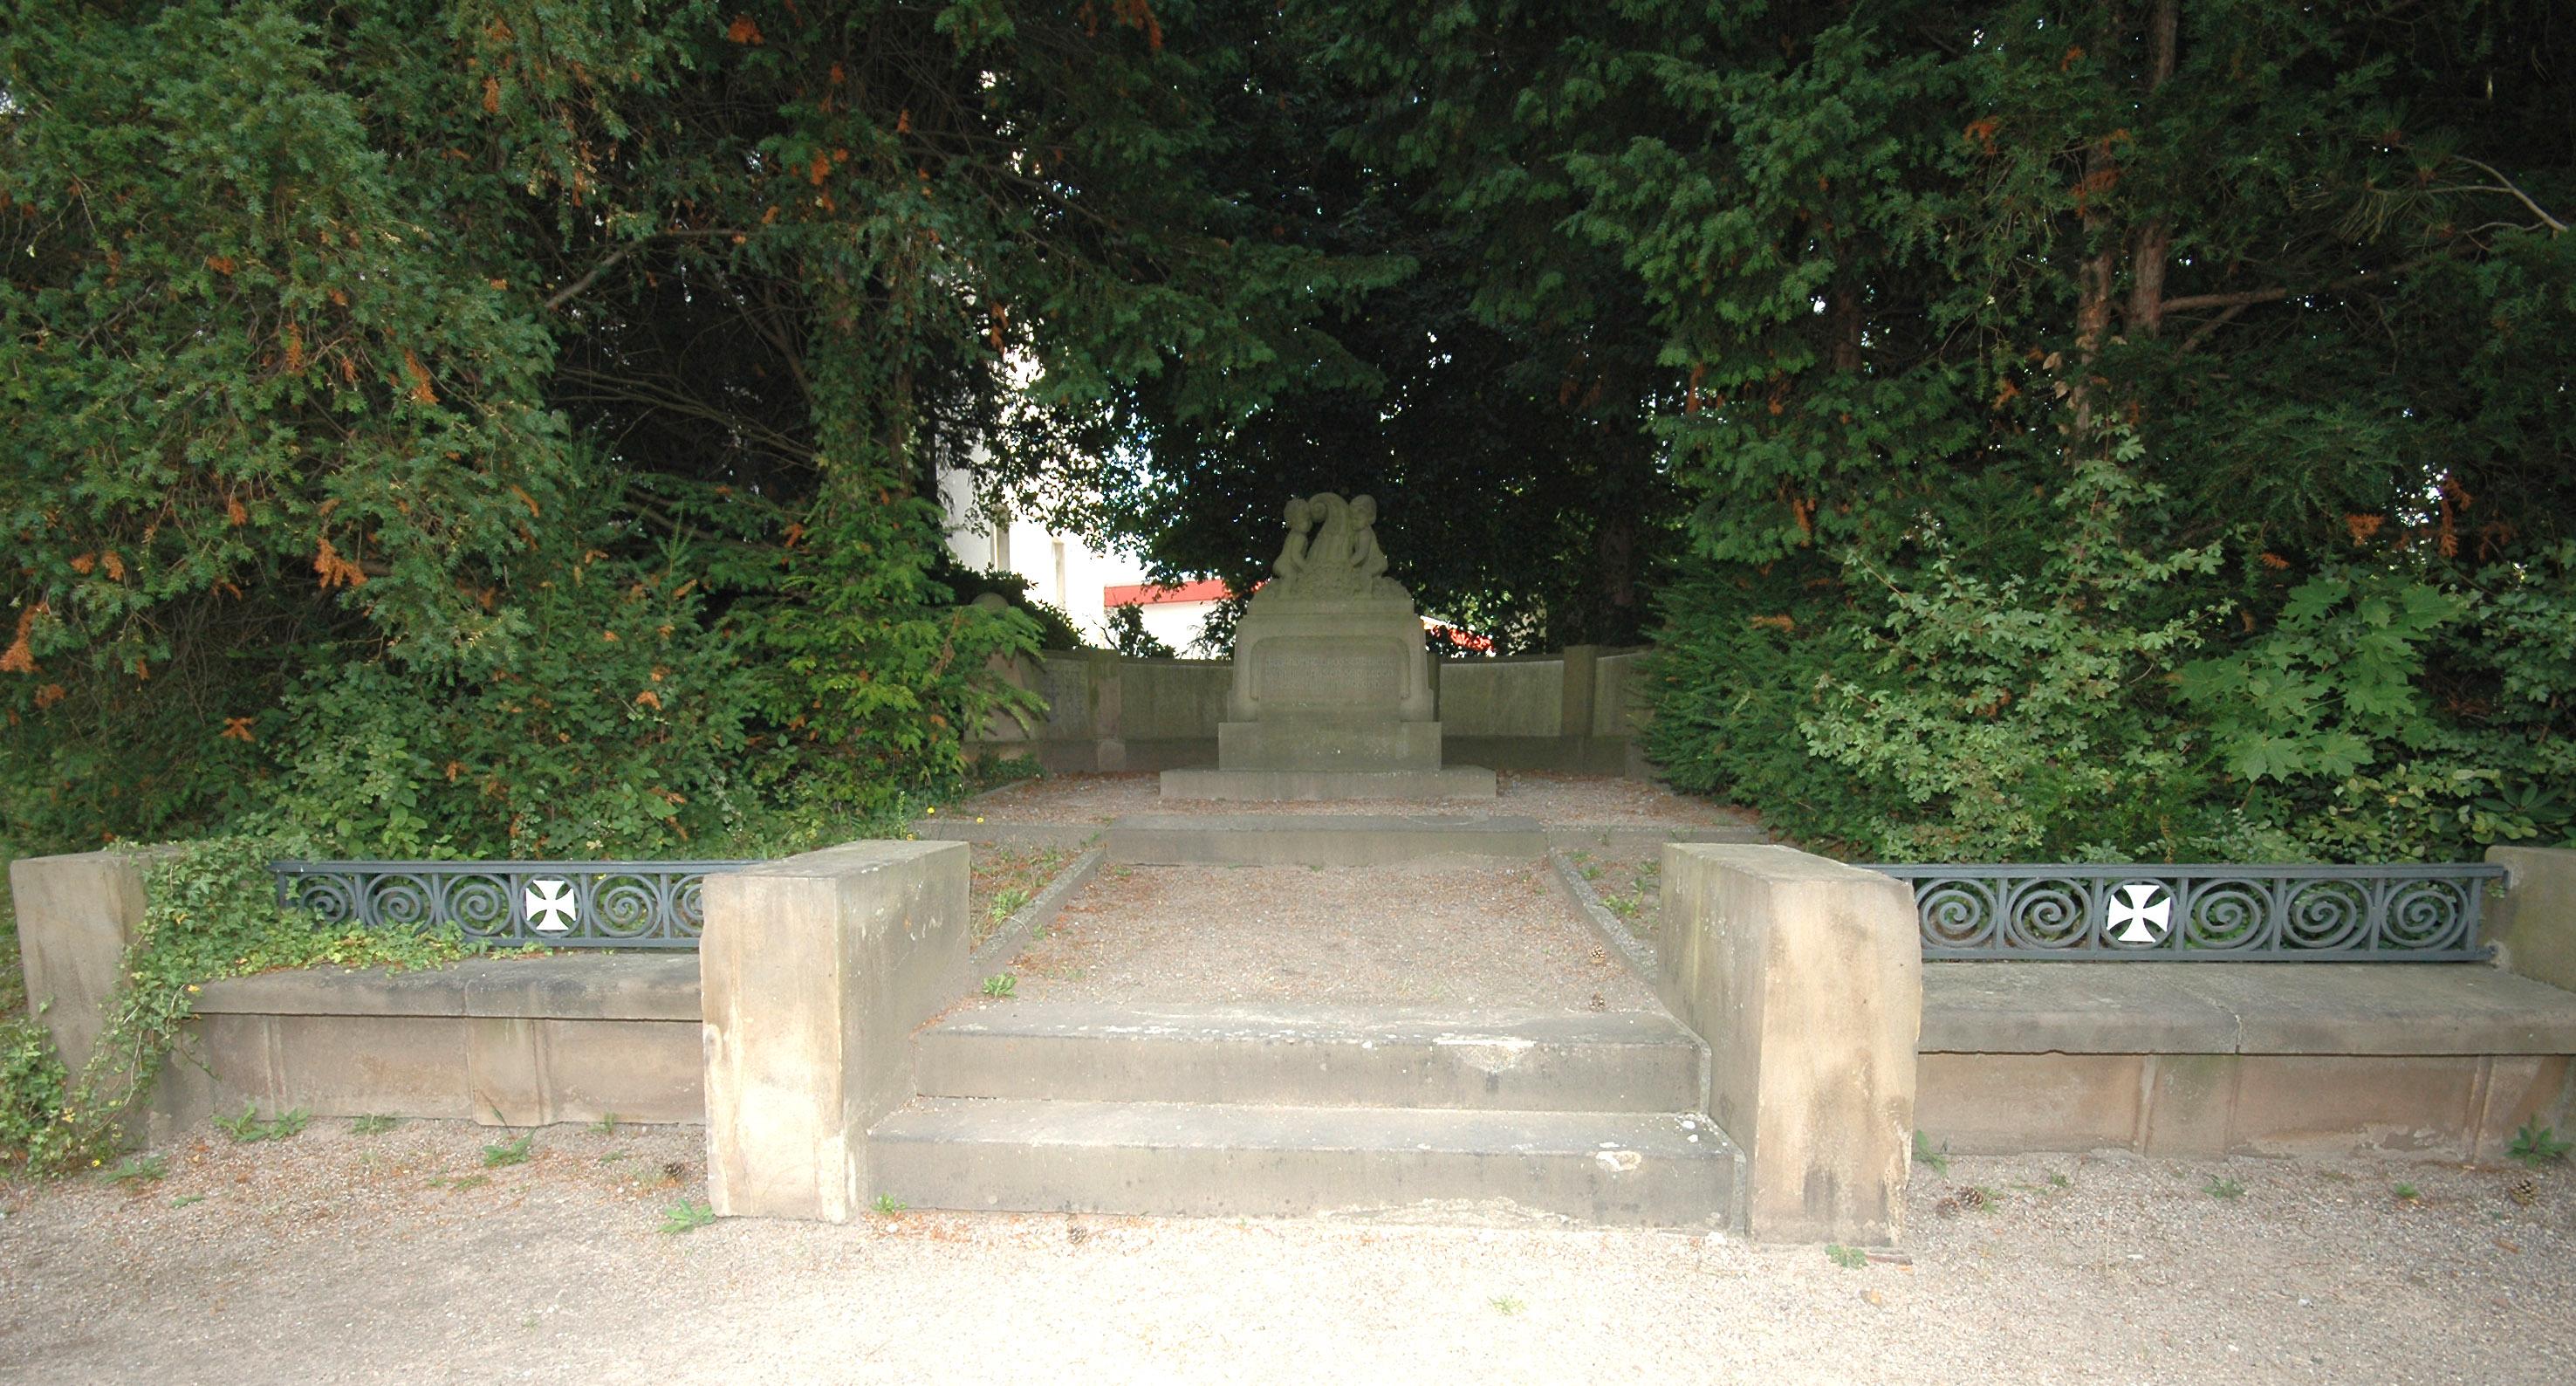 Neben dem Gemeindehaus an der Kemnader Straße: das Ehrenmal für die Gefallenen des 1. Weltkriegs